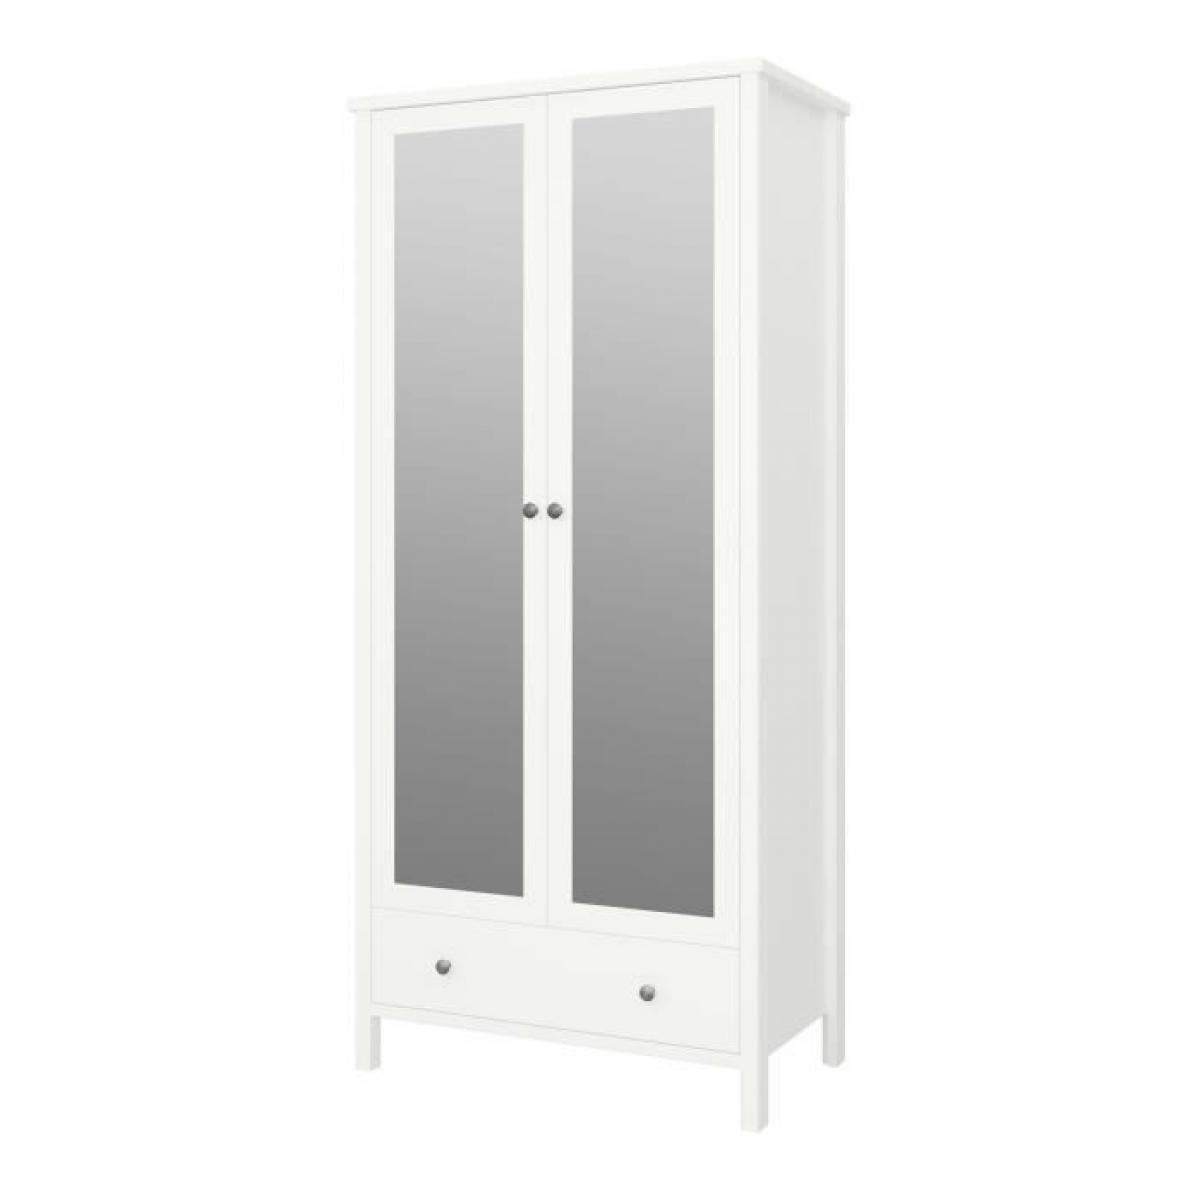 Cstore TROMSÖ Armoire 2 portes miroir + 1 tiroir - Laqué blanc MDF